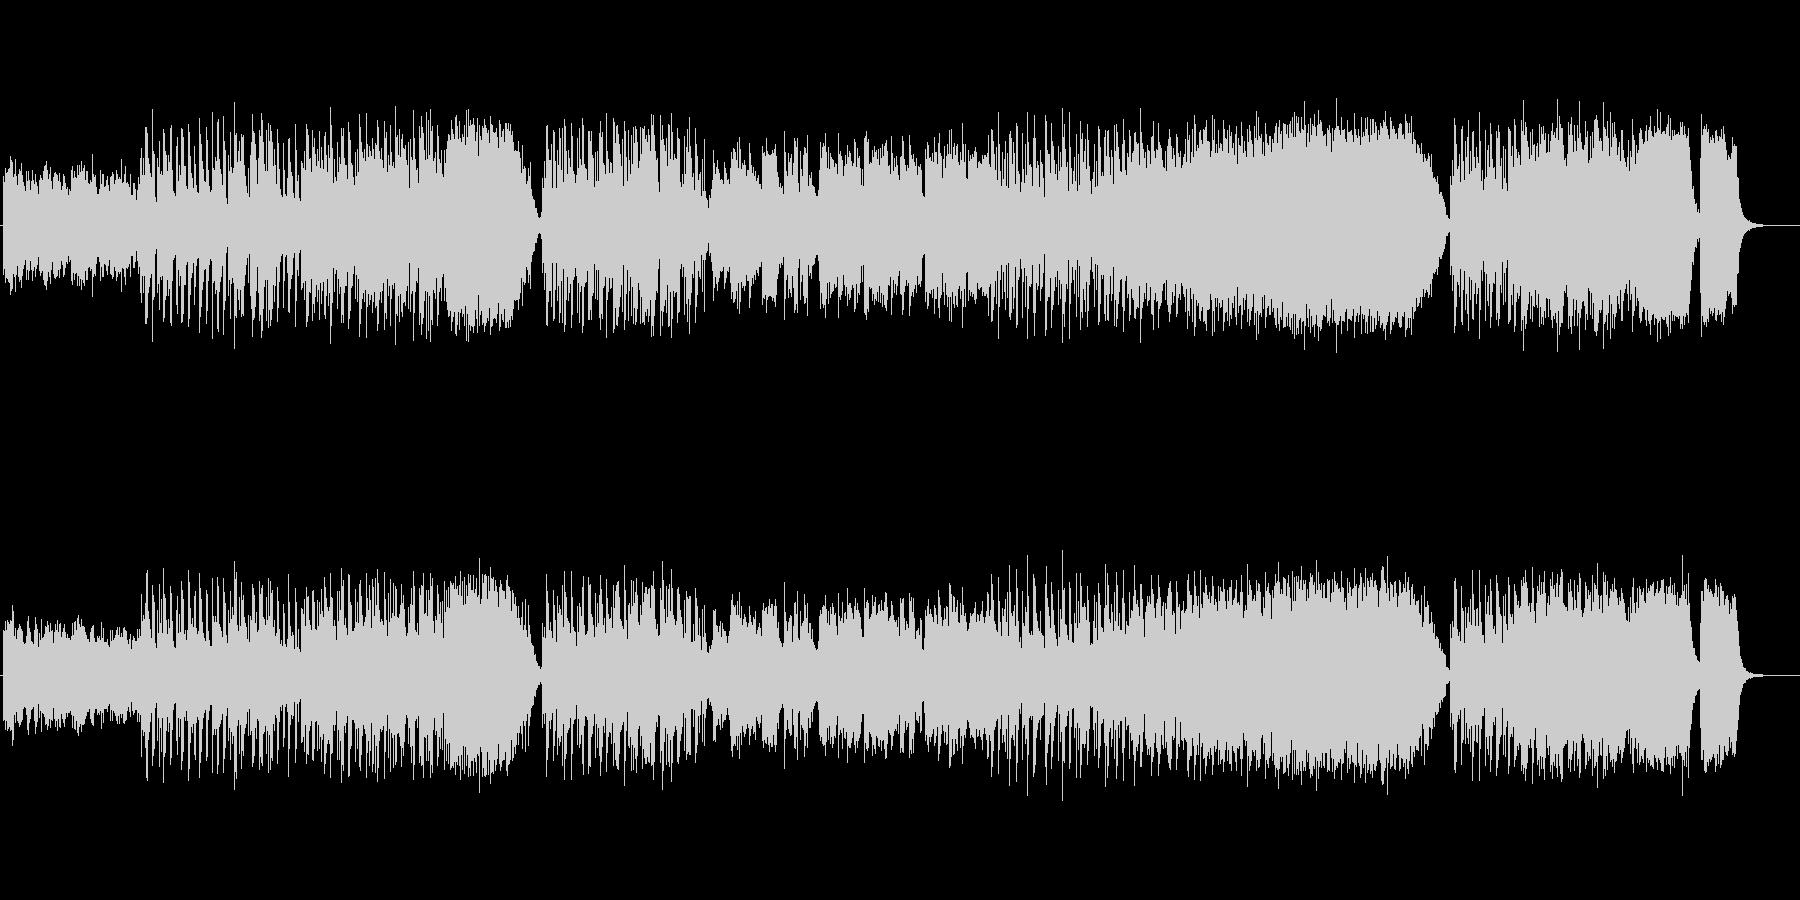 ワールドミュージック:オリエンタルの未再生の波形